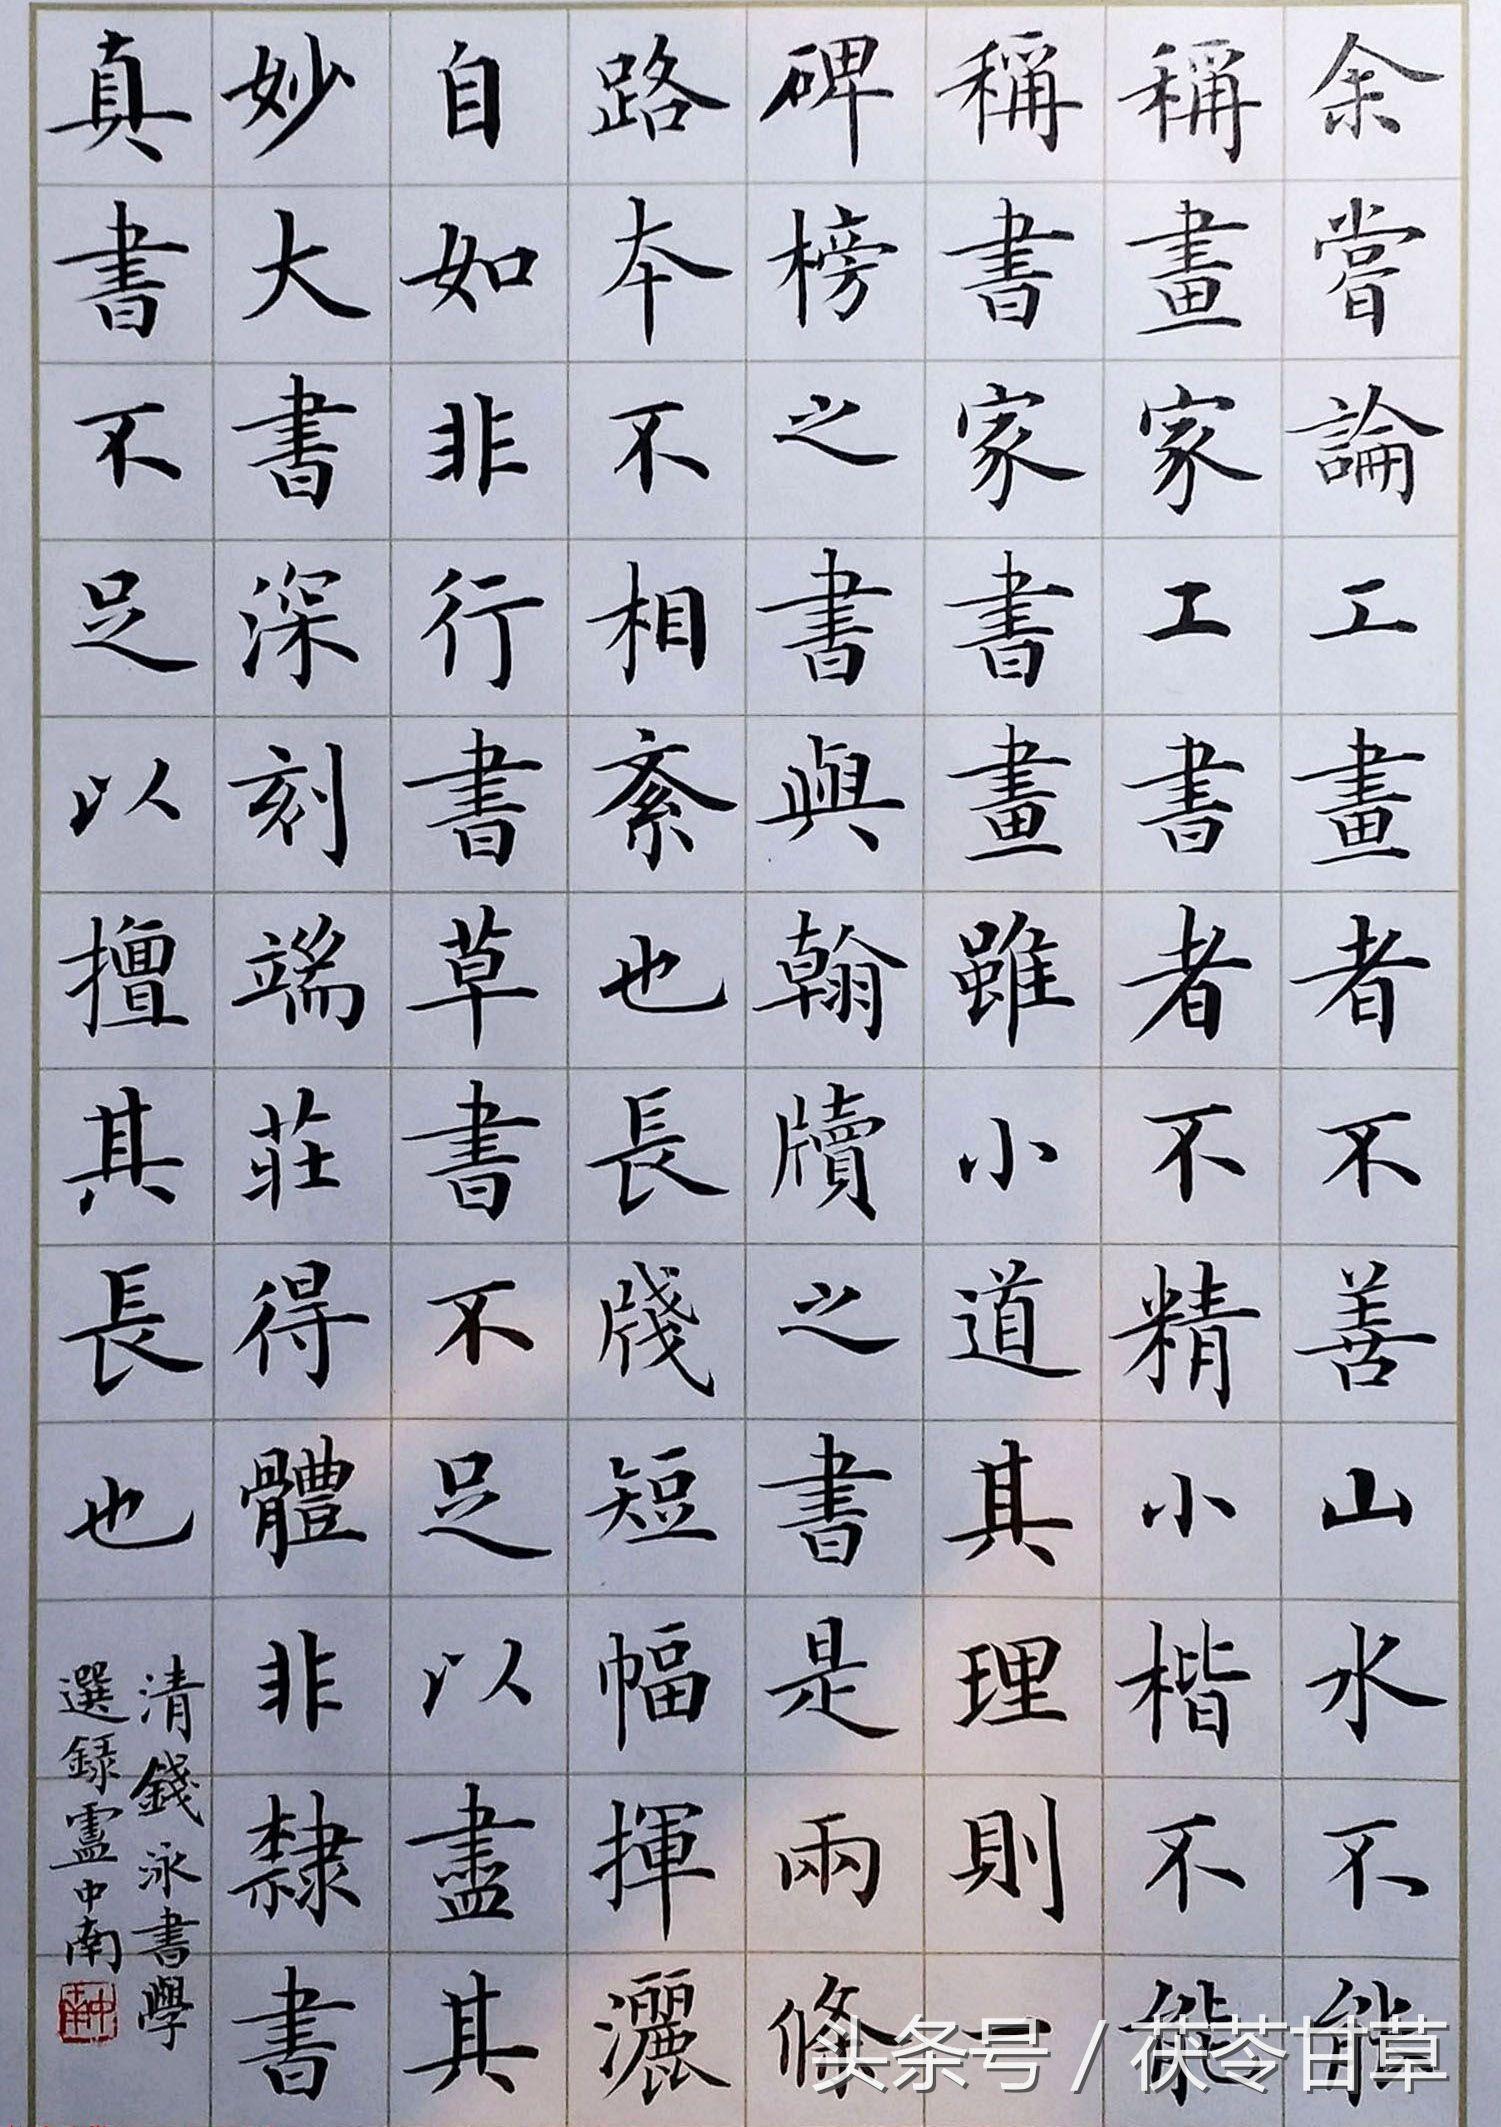 中书协楷书委员会,12种不同风格楷书书法作品欣赏:妙趣横生!图片